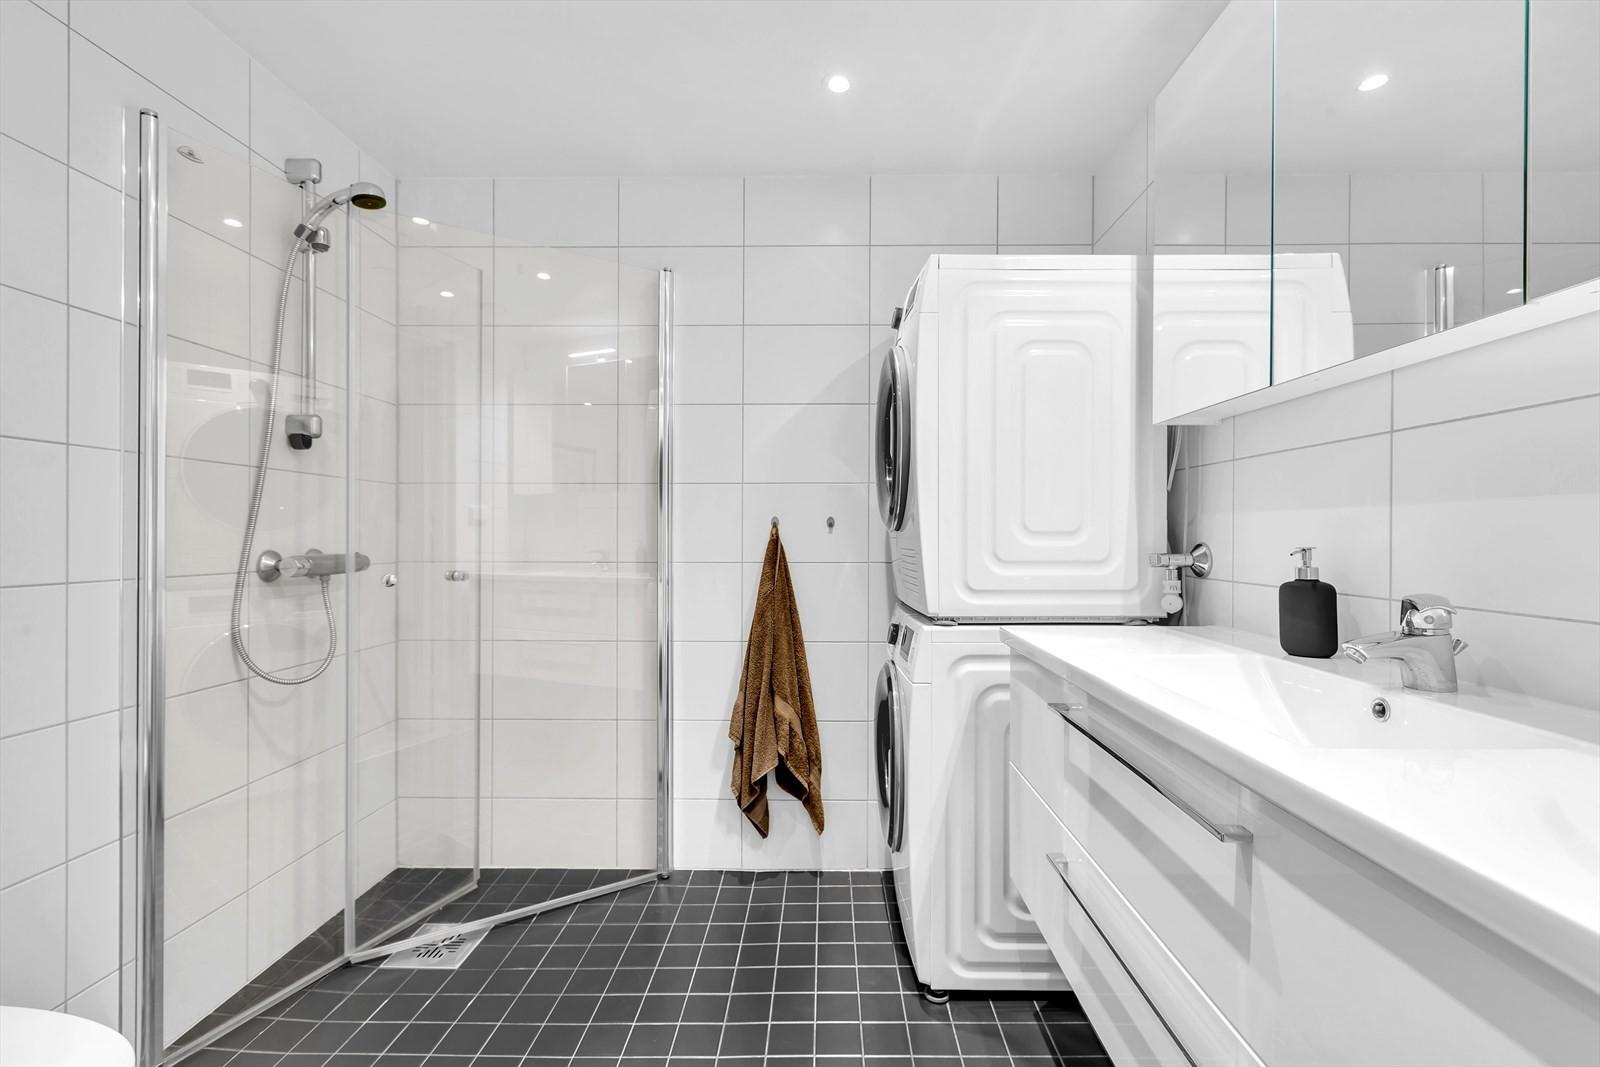 Komplett flislagt badrom m/ glassdører i dusj.